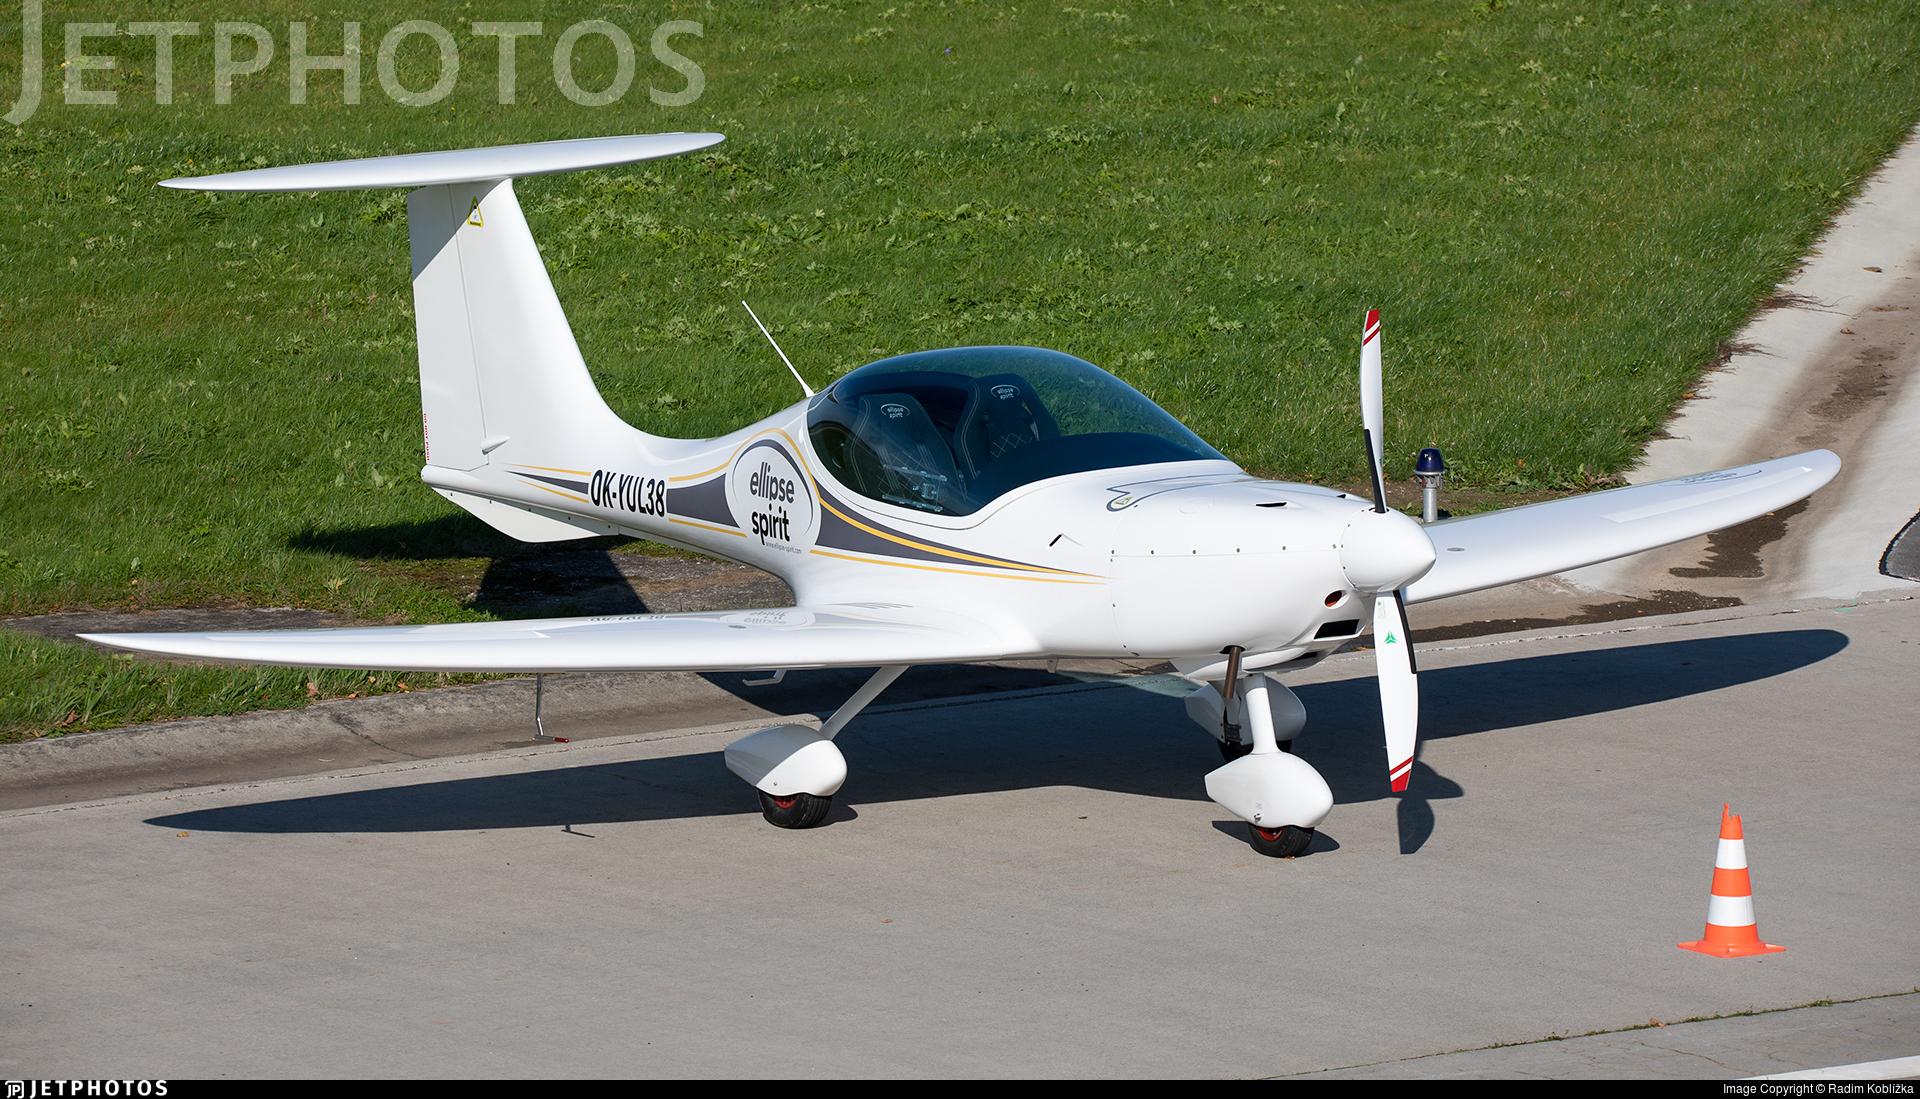 OK-YUL38 - A2CZ Ellipse Spirit - Private